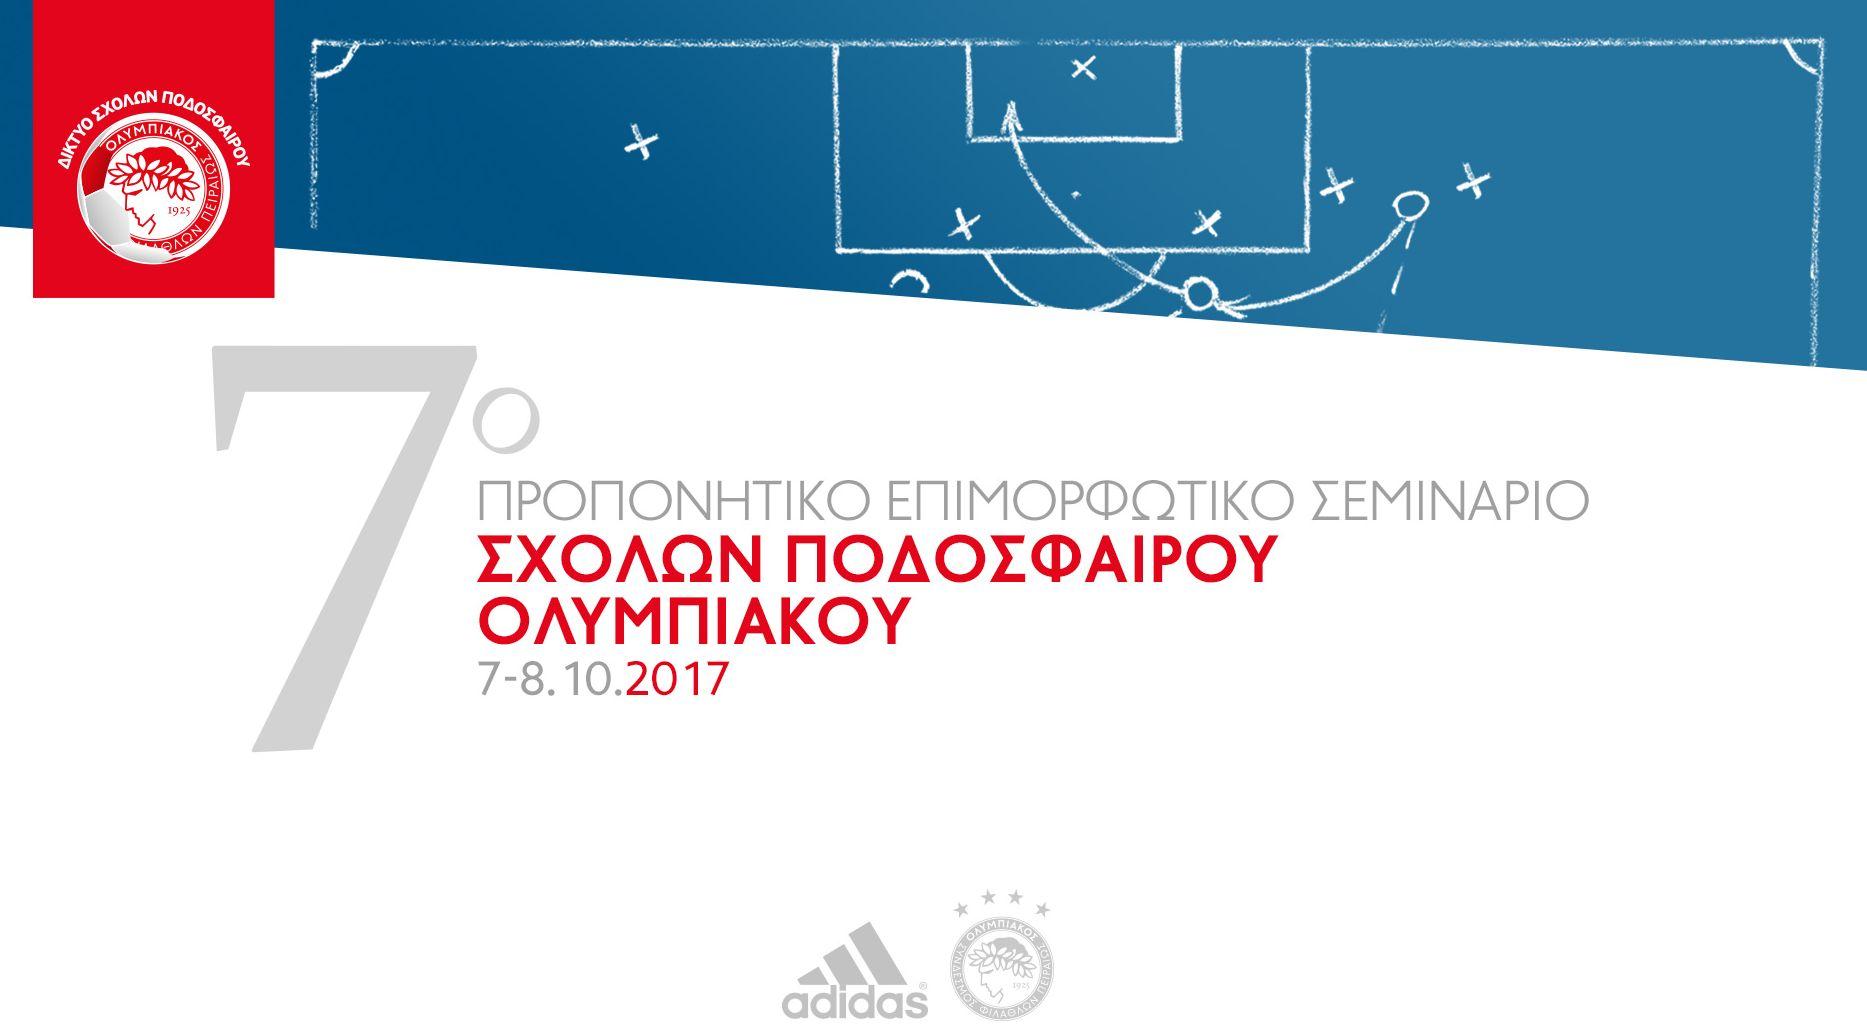 Έρχεται το 7ο Επιμορφωτικό Σεμινάριο Σχολών Ολυμπιακού!